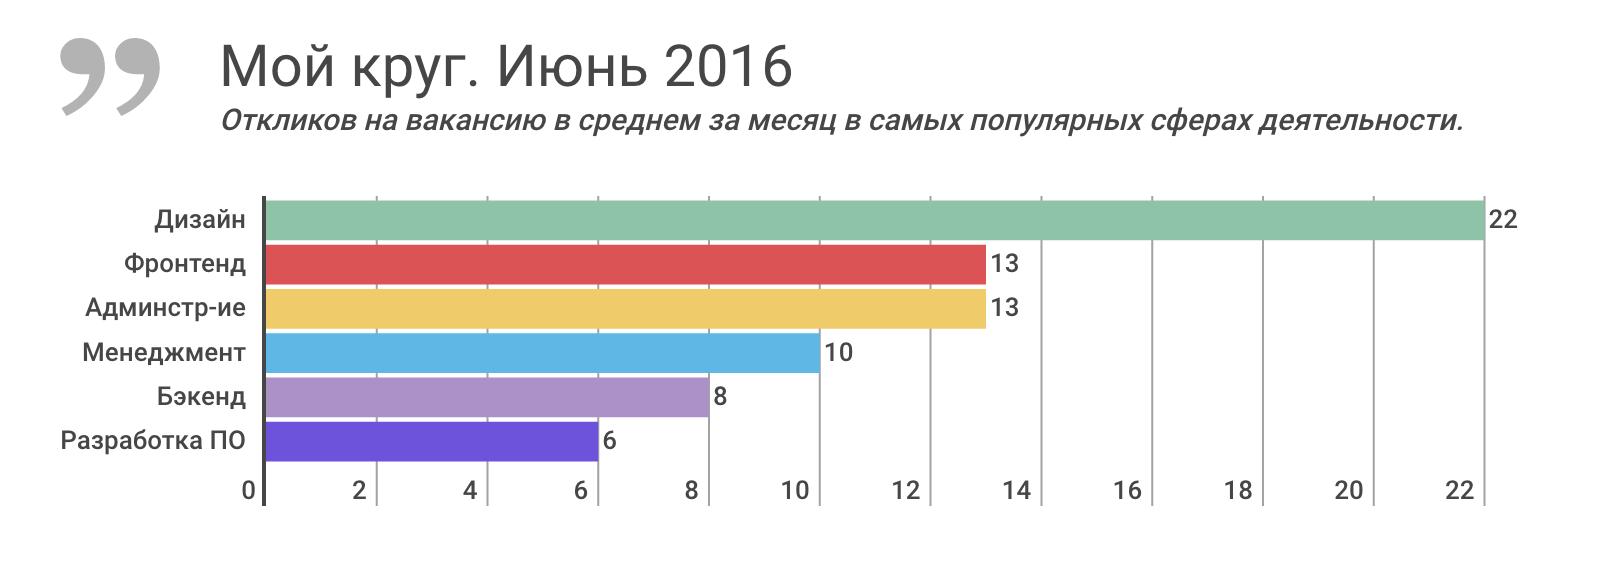 Отчет о результатах «Моего круга» за июнь 2016, и самые популярные вакансии месяца - 1